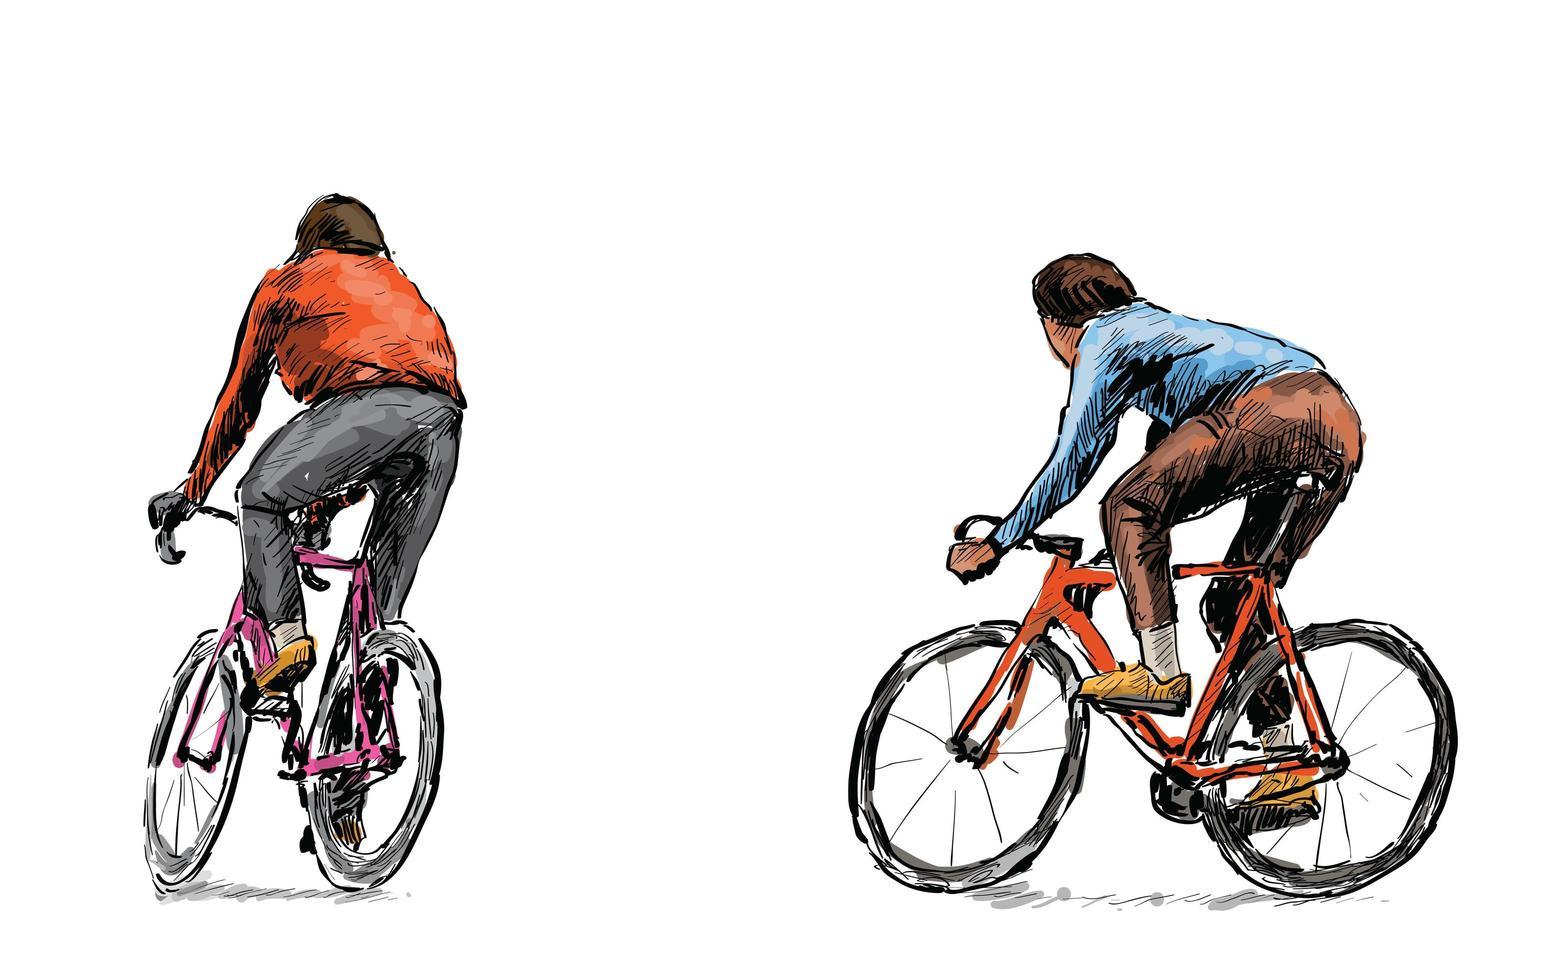 Skizze von Radfahrern, die Fahrräder mit festem Gang fahren vektor